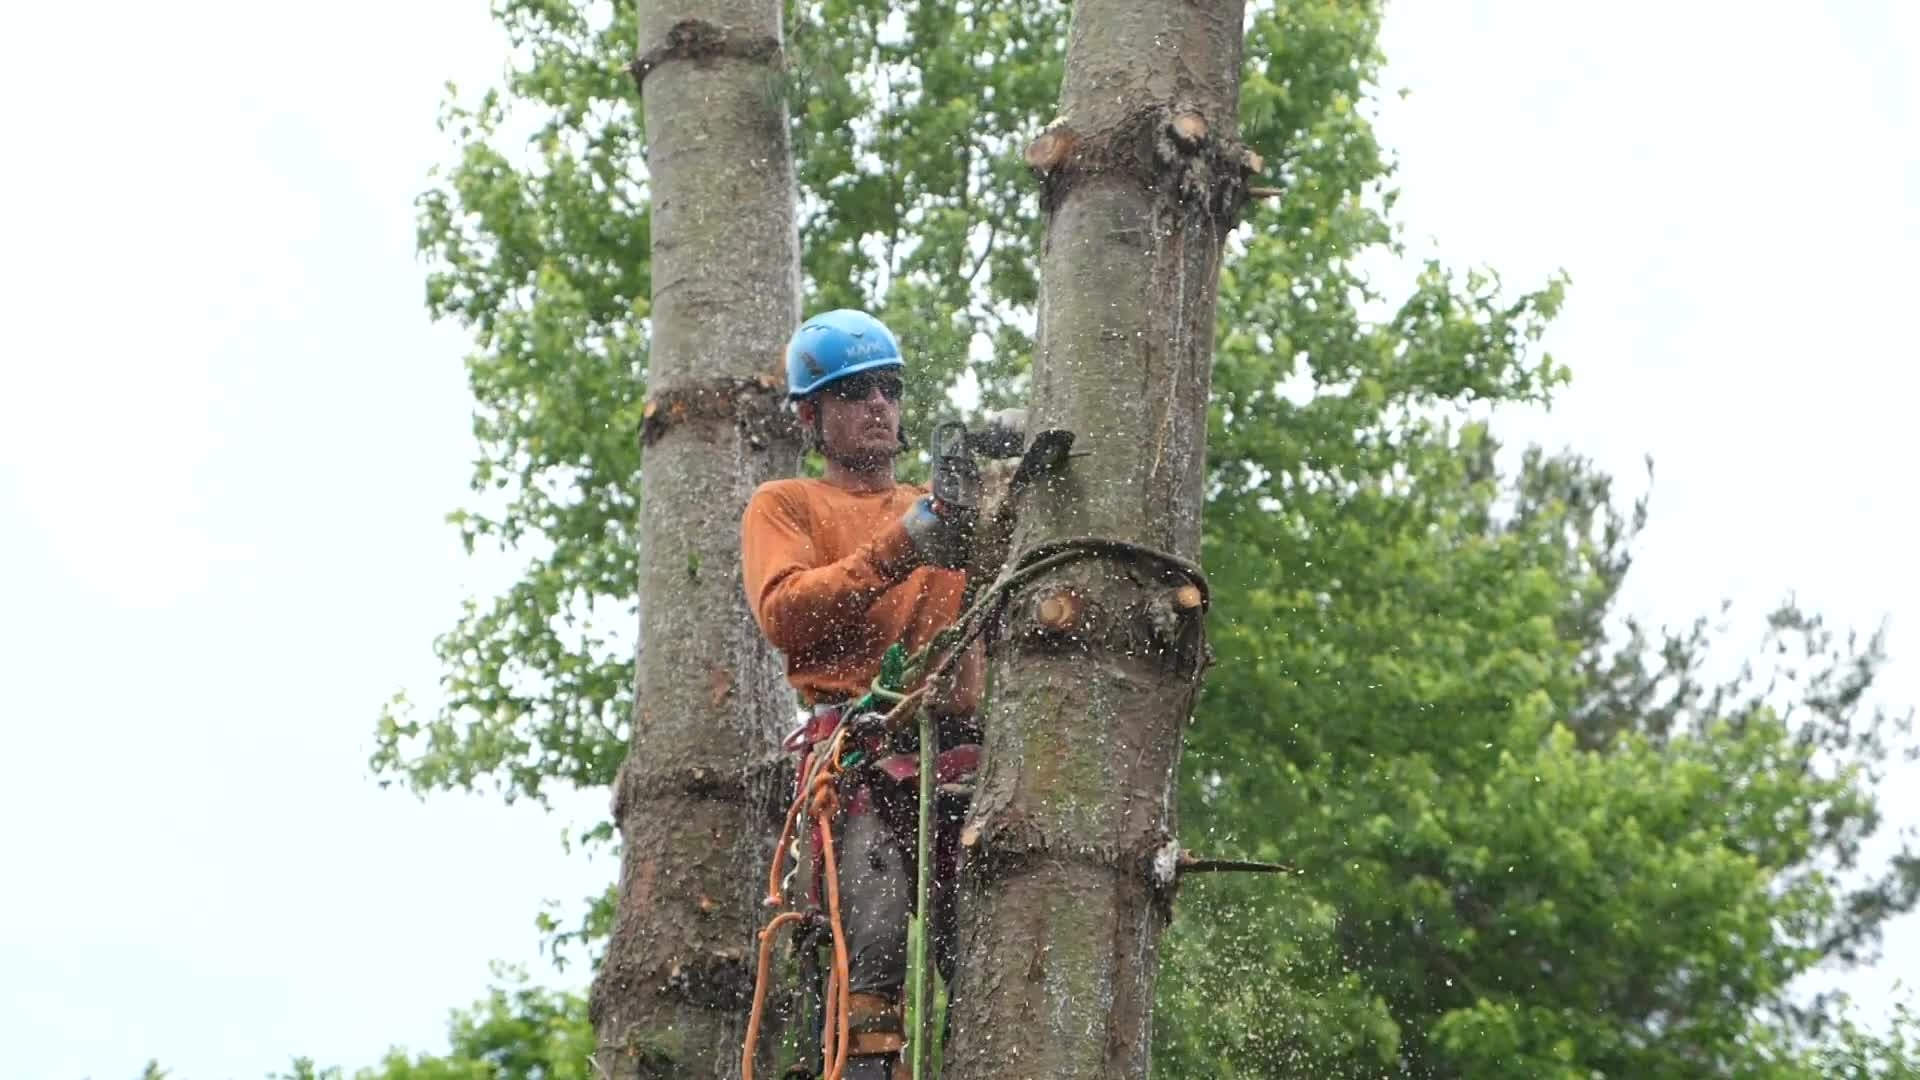 Promo | Ascender Tree Co.